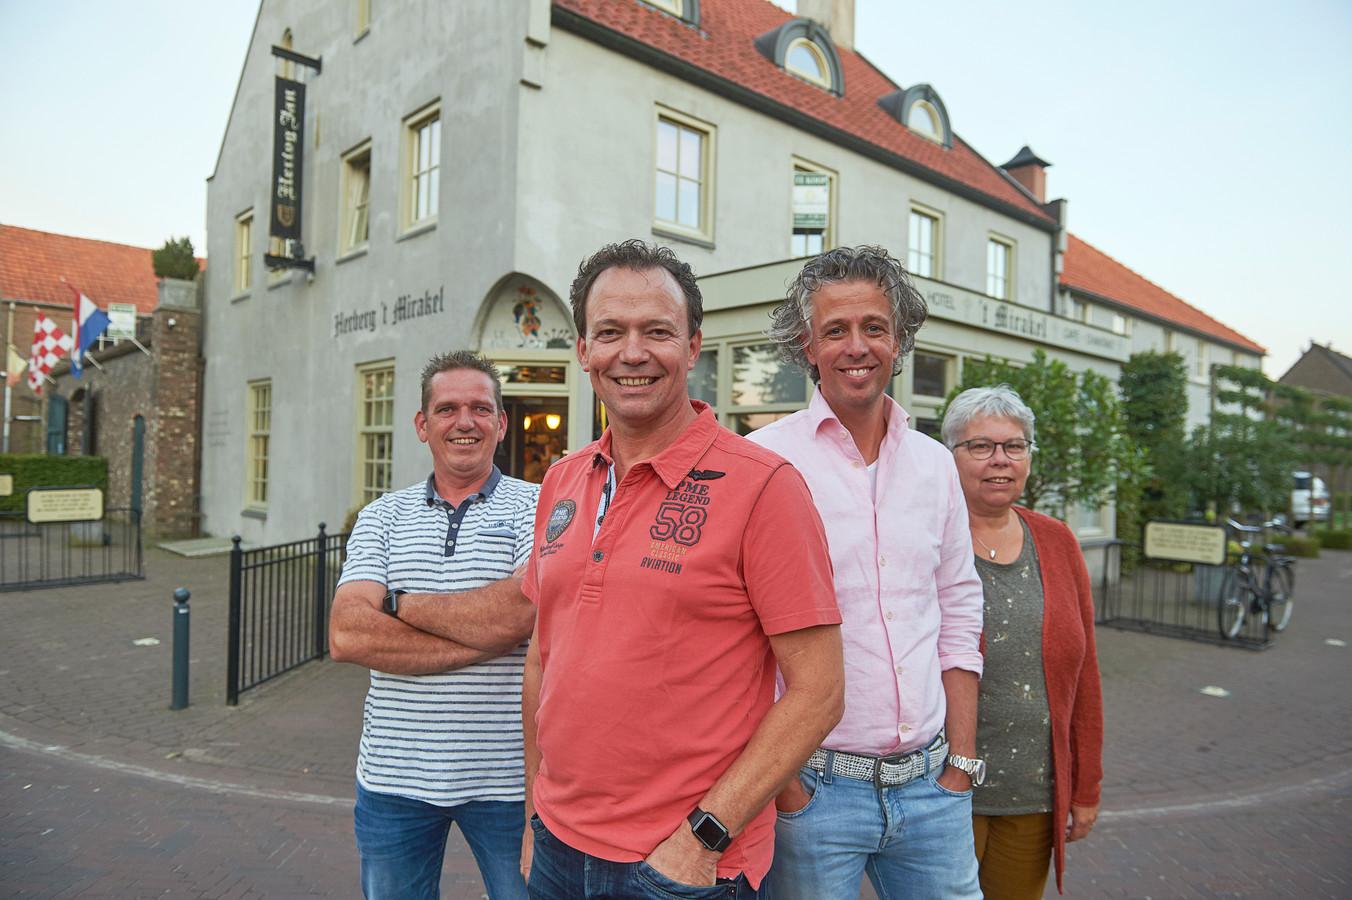 De vier initiatiefnemers van de aankoop van 't Mirakel te Boerdonk. vlnr. Maarten Kanters,  Antoon Donkers, Coen Hendriks en Ria Vilier.